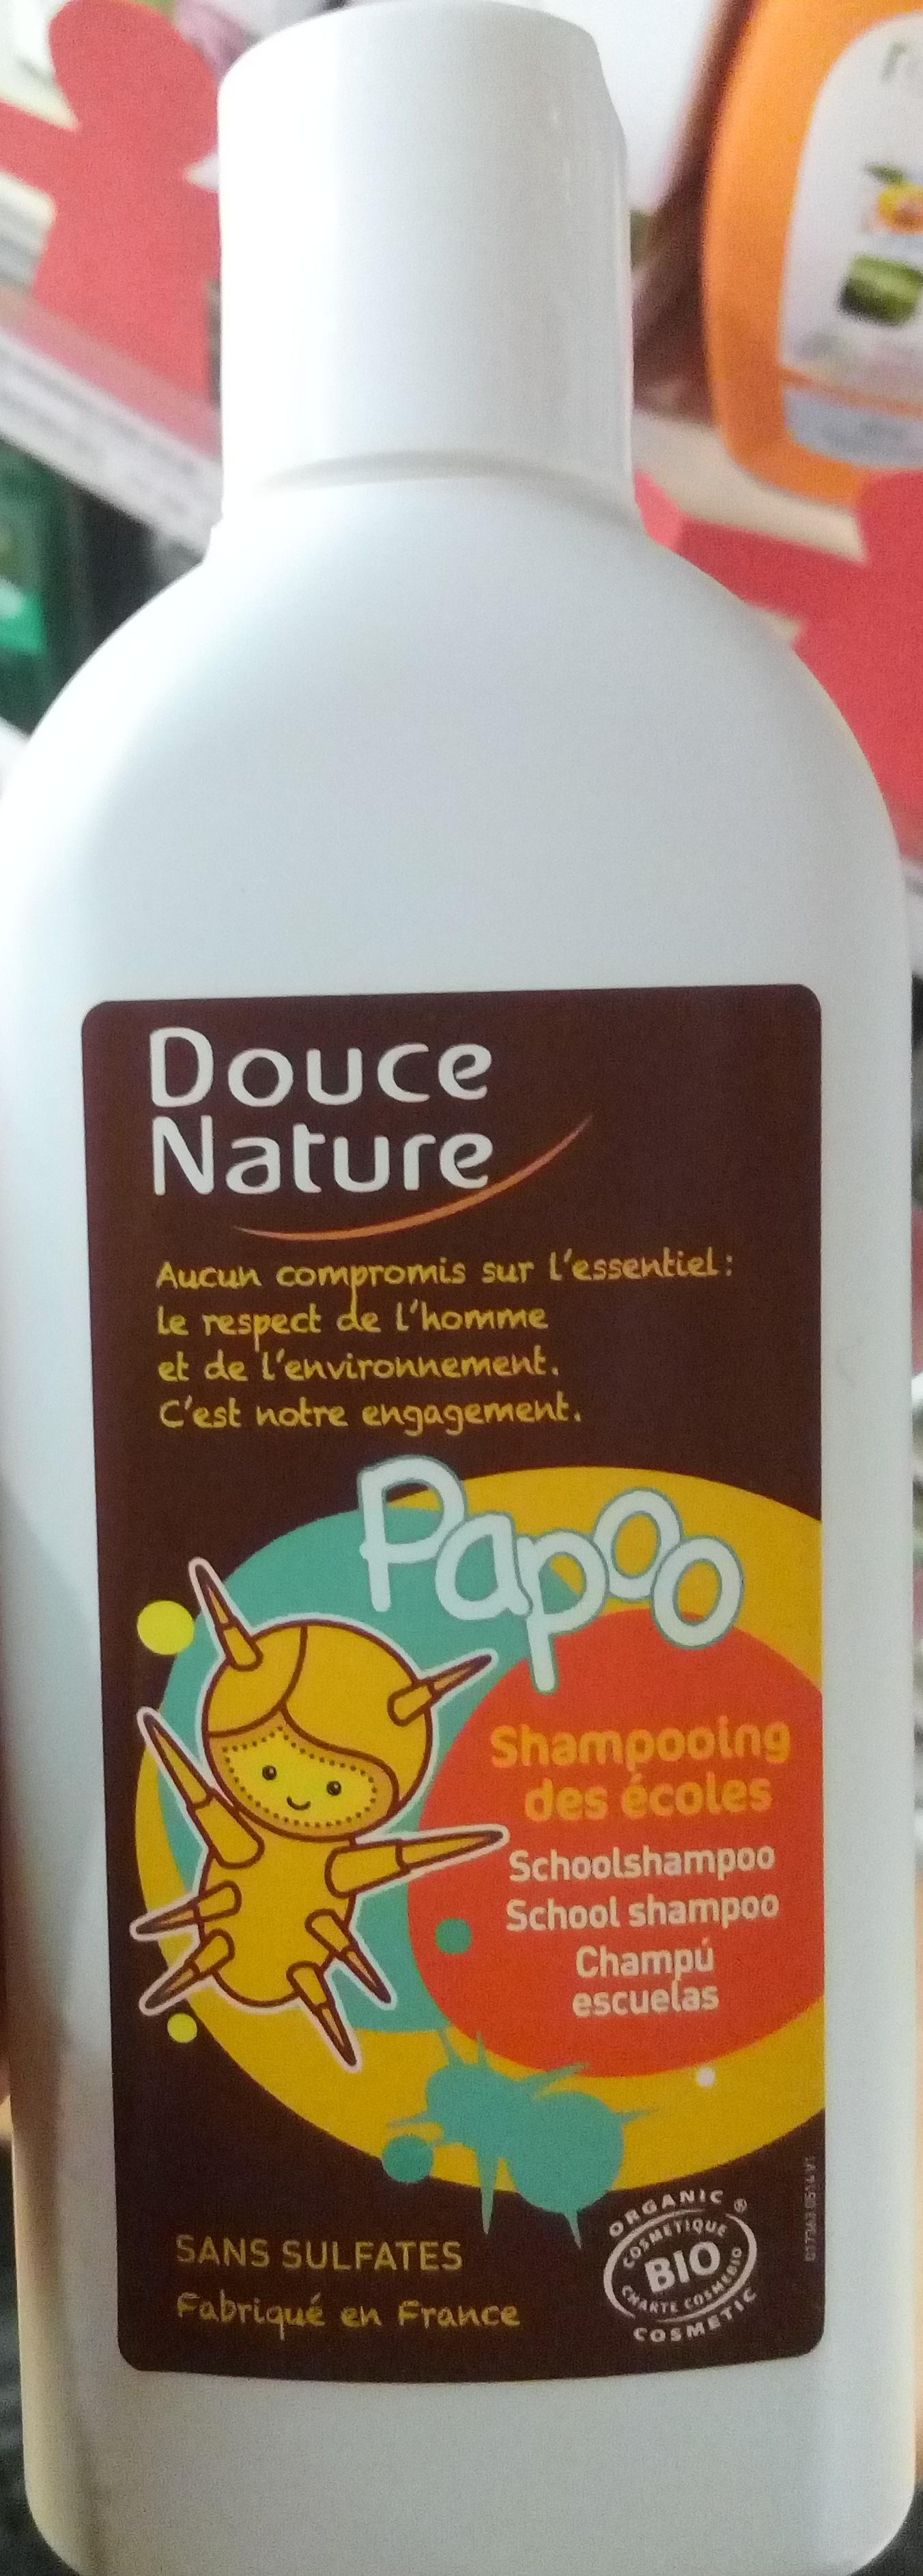 Papoo Shampooing des écoles - Produit - fr